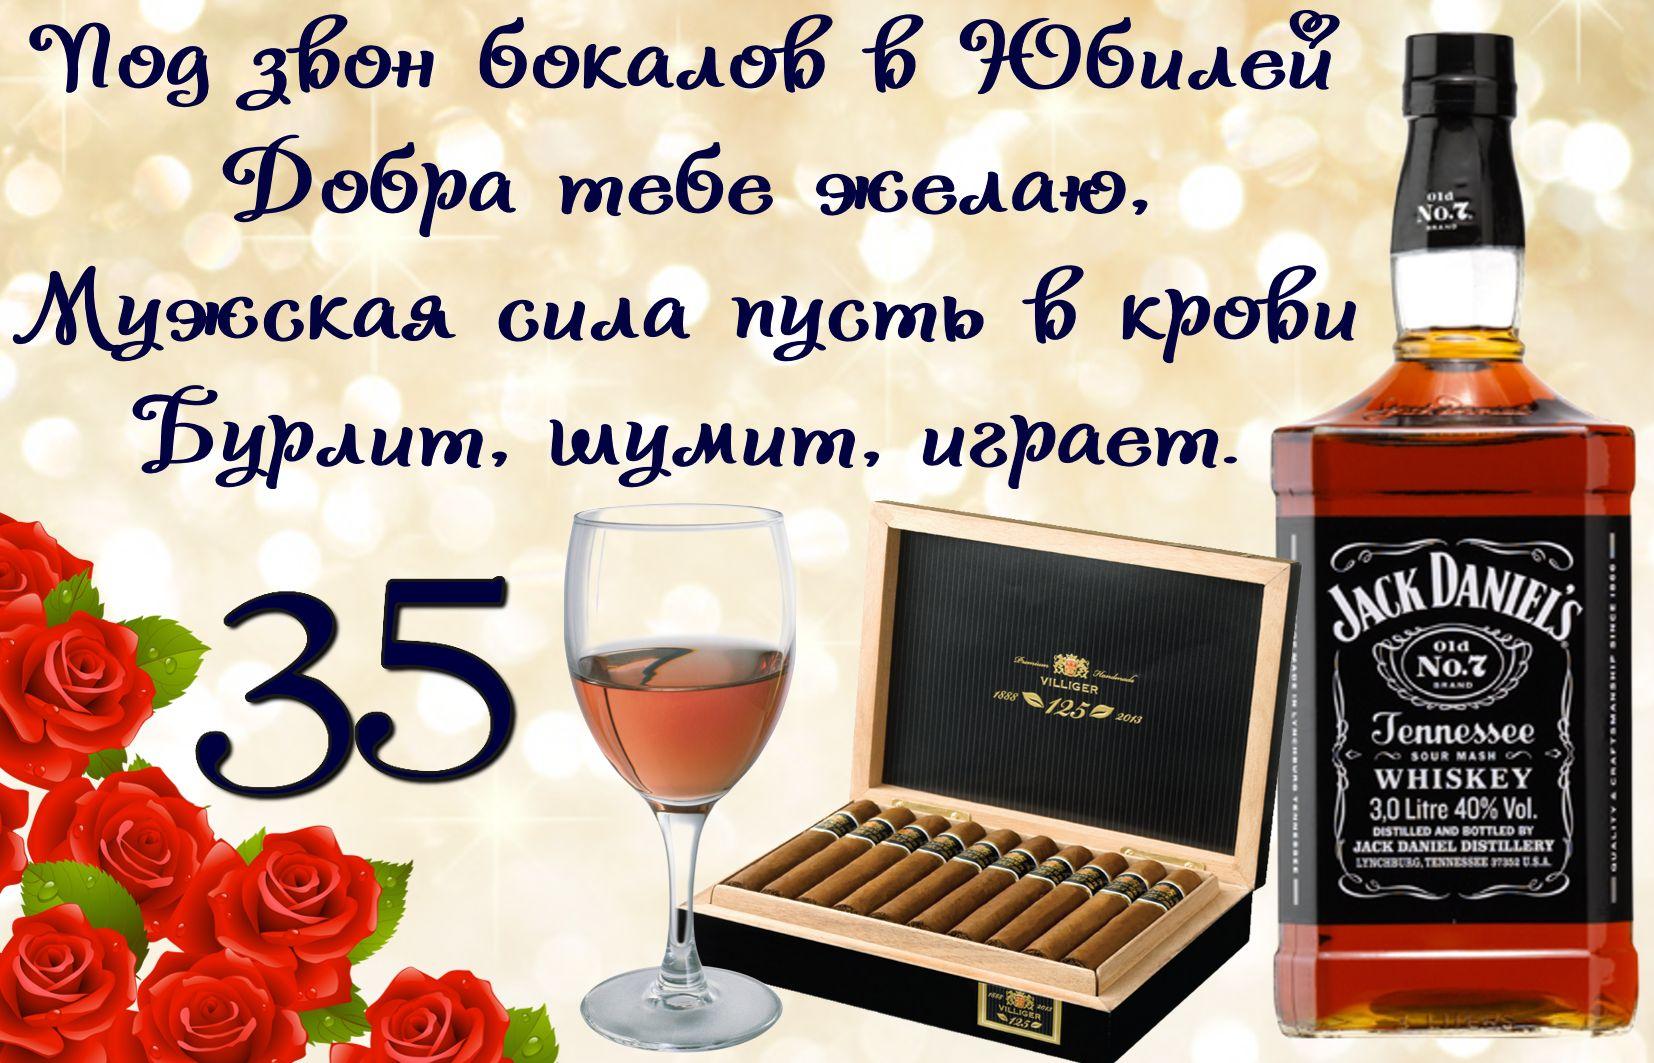 Открытка на 35 лет - пожелание к юбилею с виски и сигарами